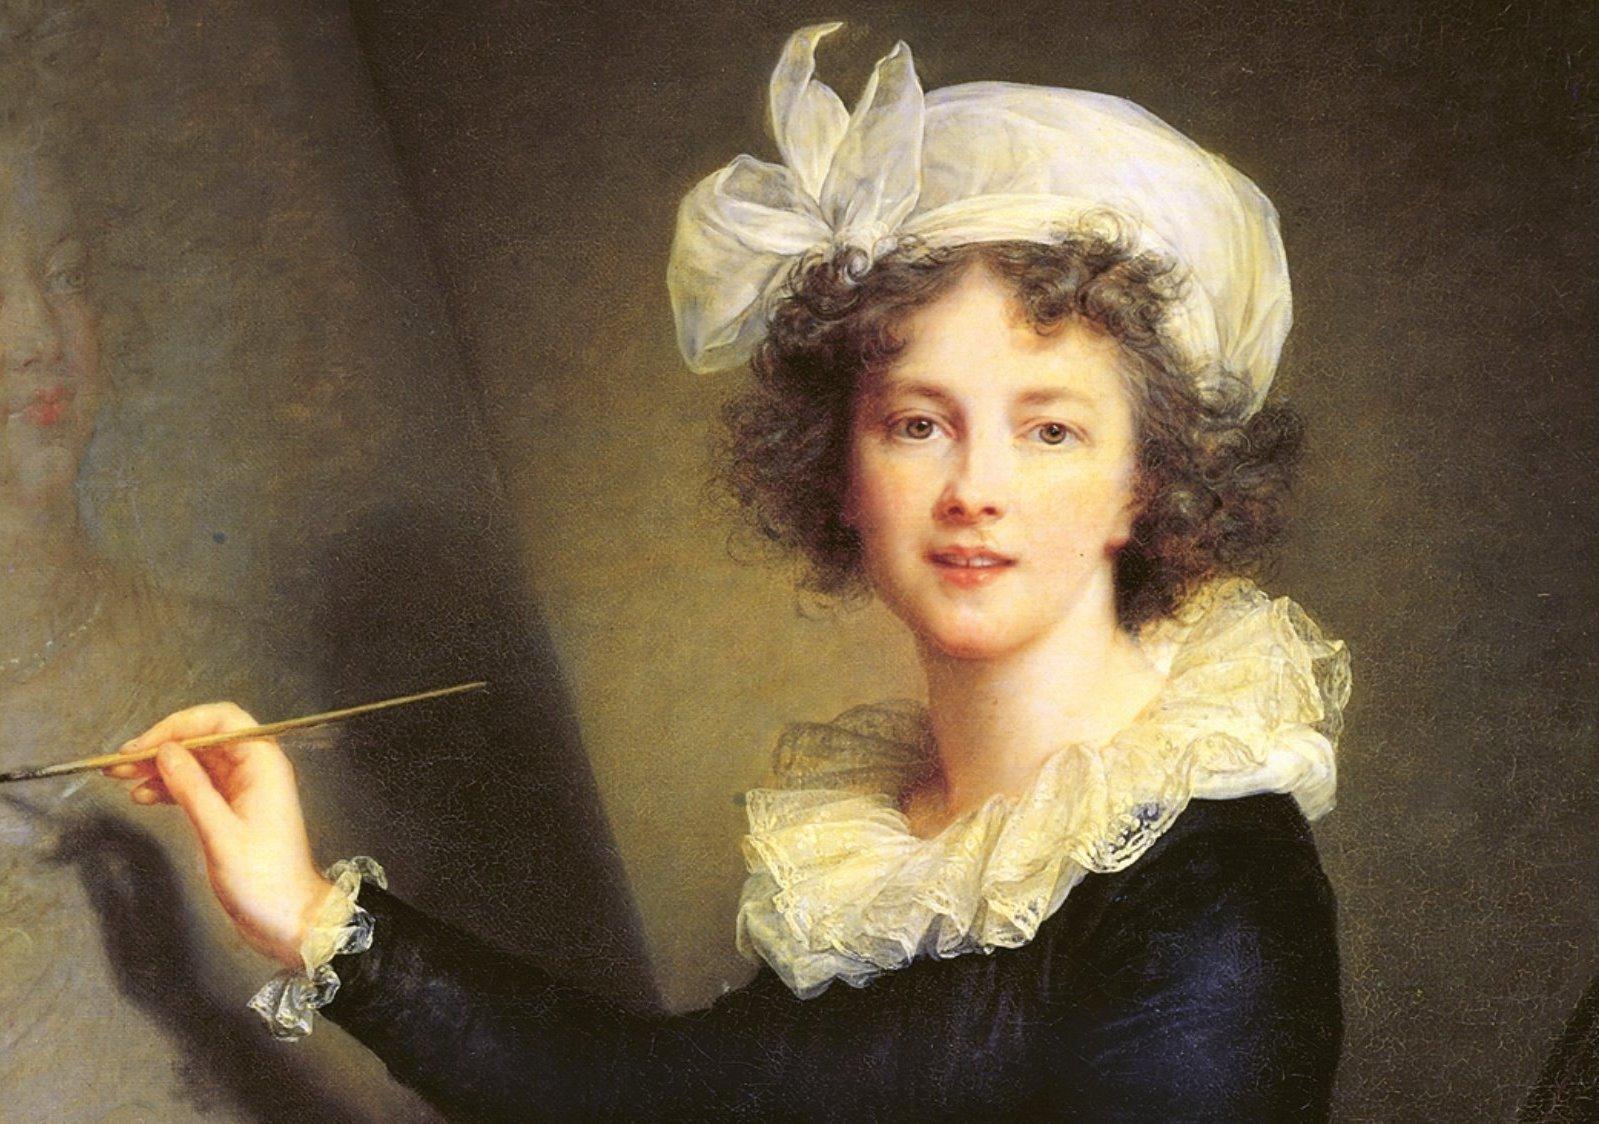 8 artiste donne che hanno lasciato un segno nella storia dell'arte. Il video della National Gallery